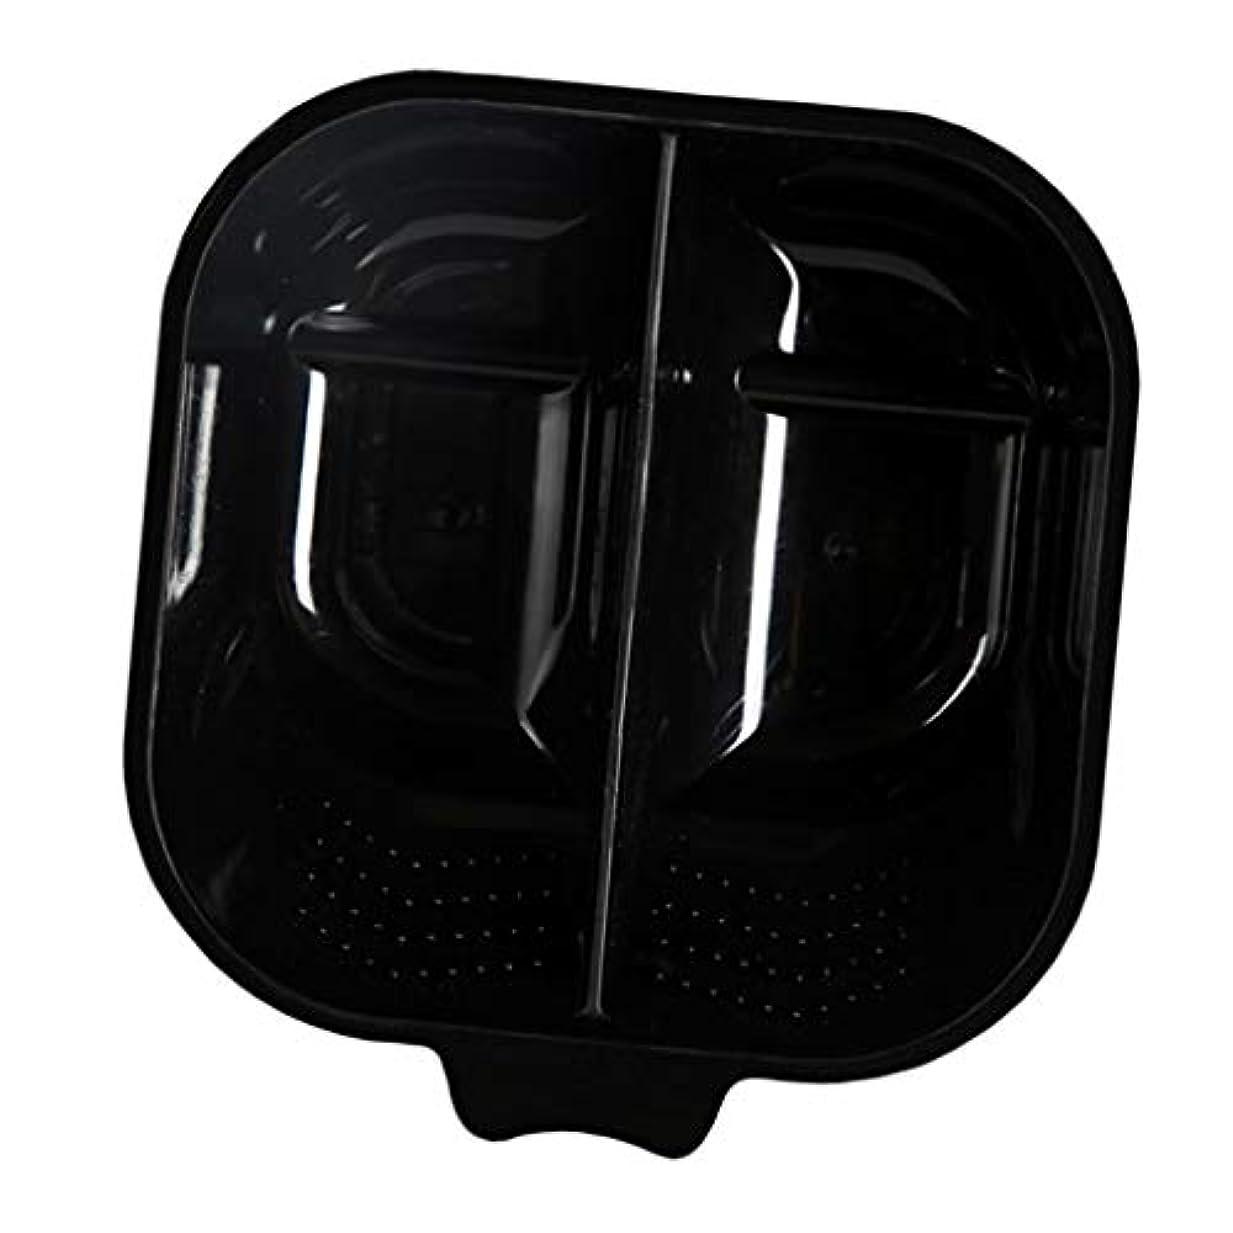 枢機卿厚さアーチヘアカップ ヘアカラーボウル ヘアダイカップ 染料 混合ボール 滑り止め サロン 自宅 便利 全3色 - ブラック